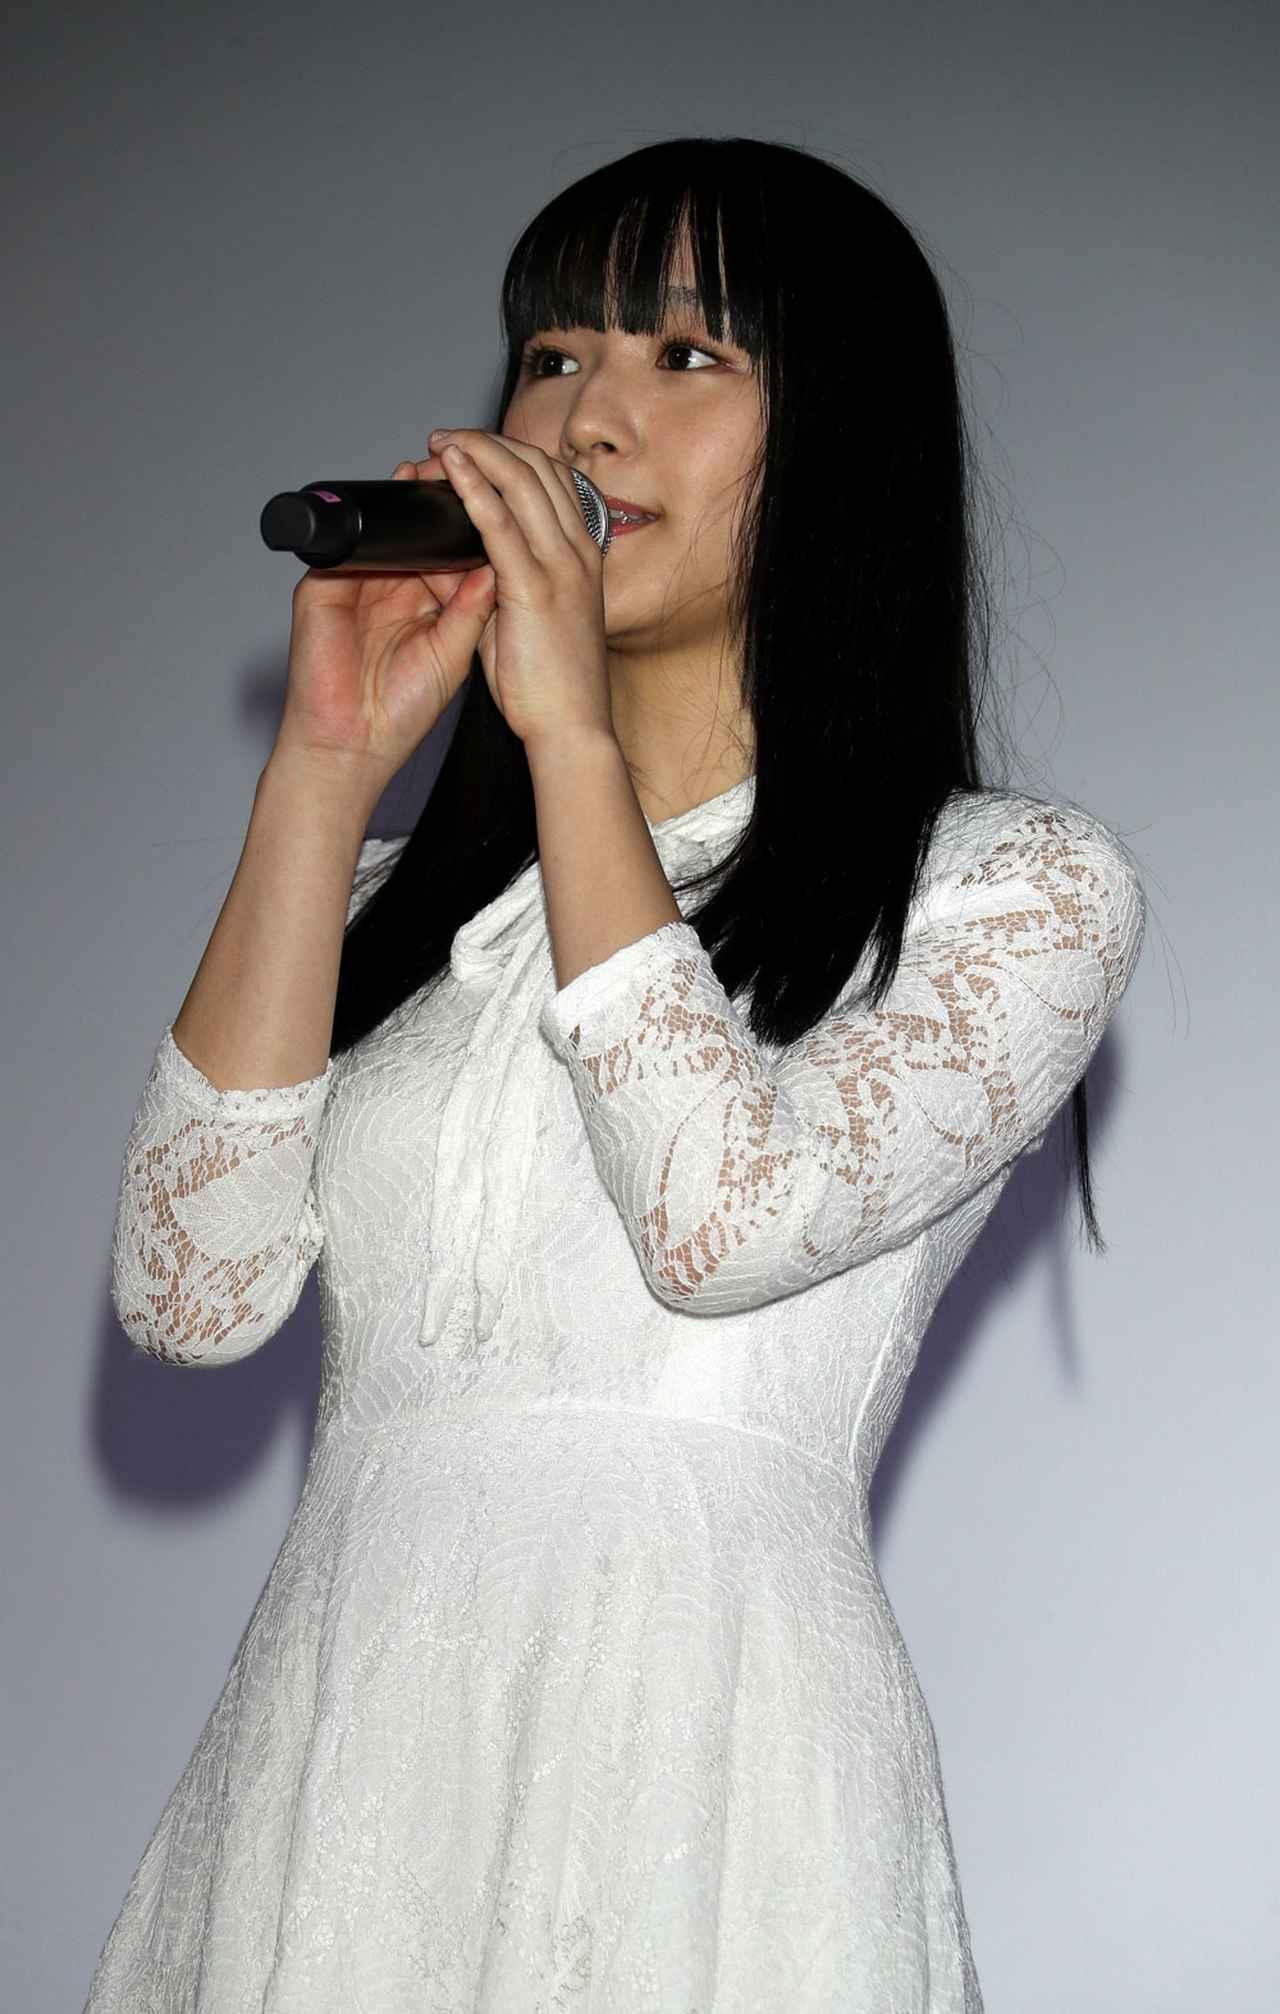 画像3: 浅川梨奈、北香那/映画「黒い乙女Q」公開記念、乙女が勢ぞろいの賑やかな舞台挨拶が開催。一番の恐怖は「映画の製作スケジュールです」(浅川)